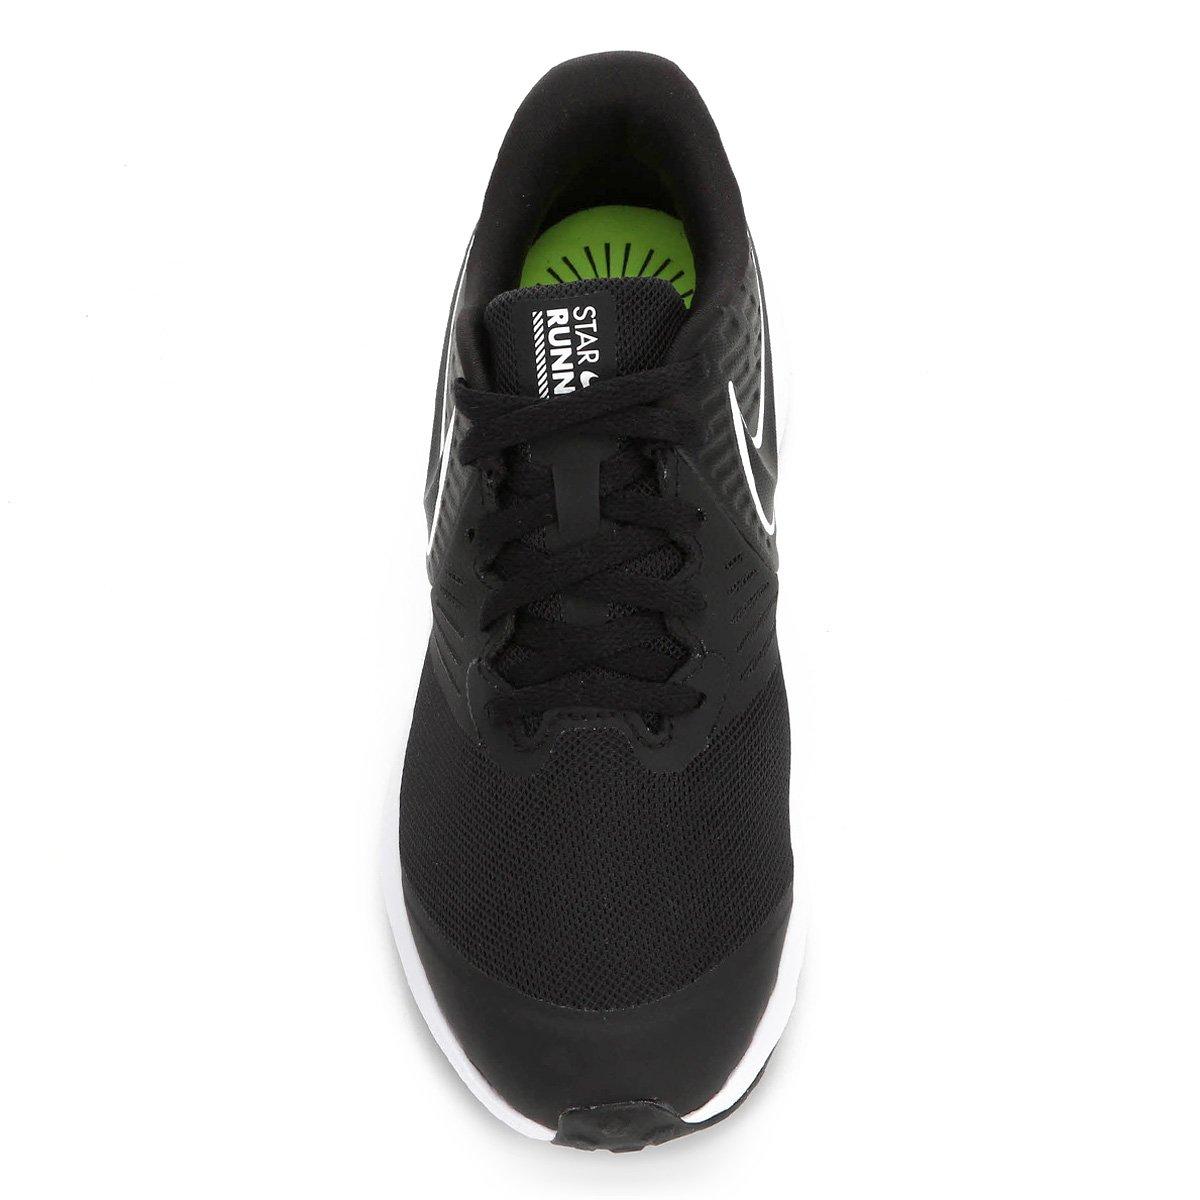 Tênis Infantil Nike Star Runner 2 GS Masculino - Tam: 35 - 2